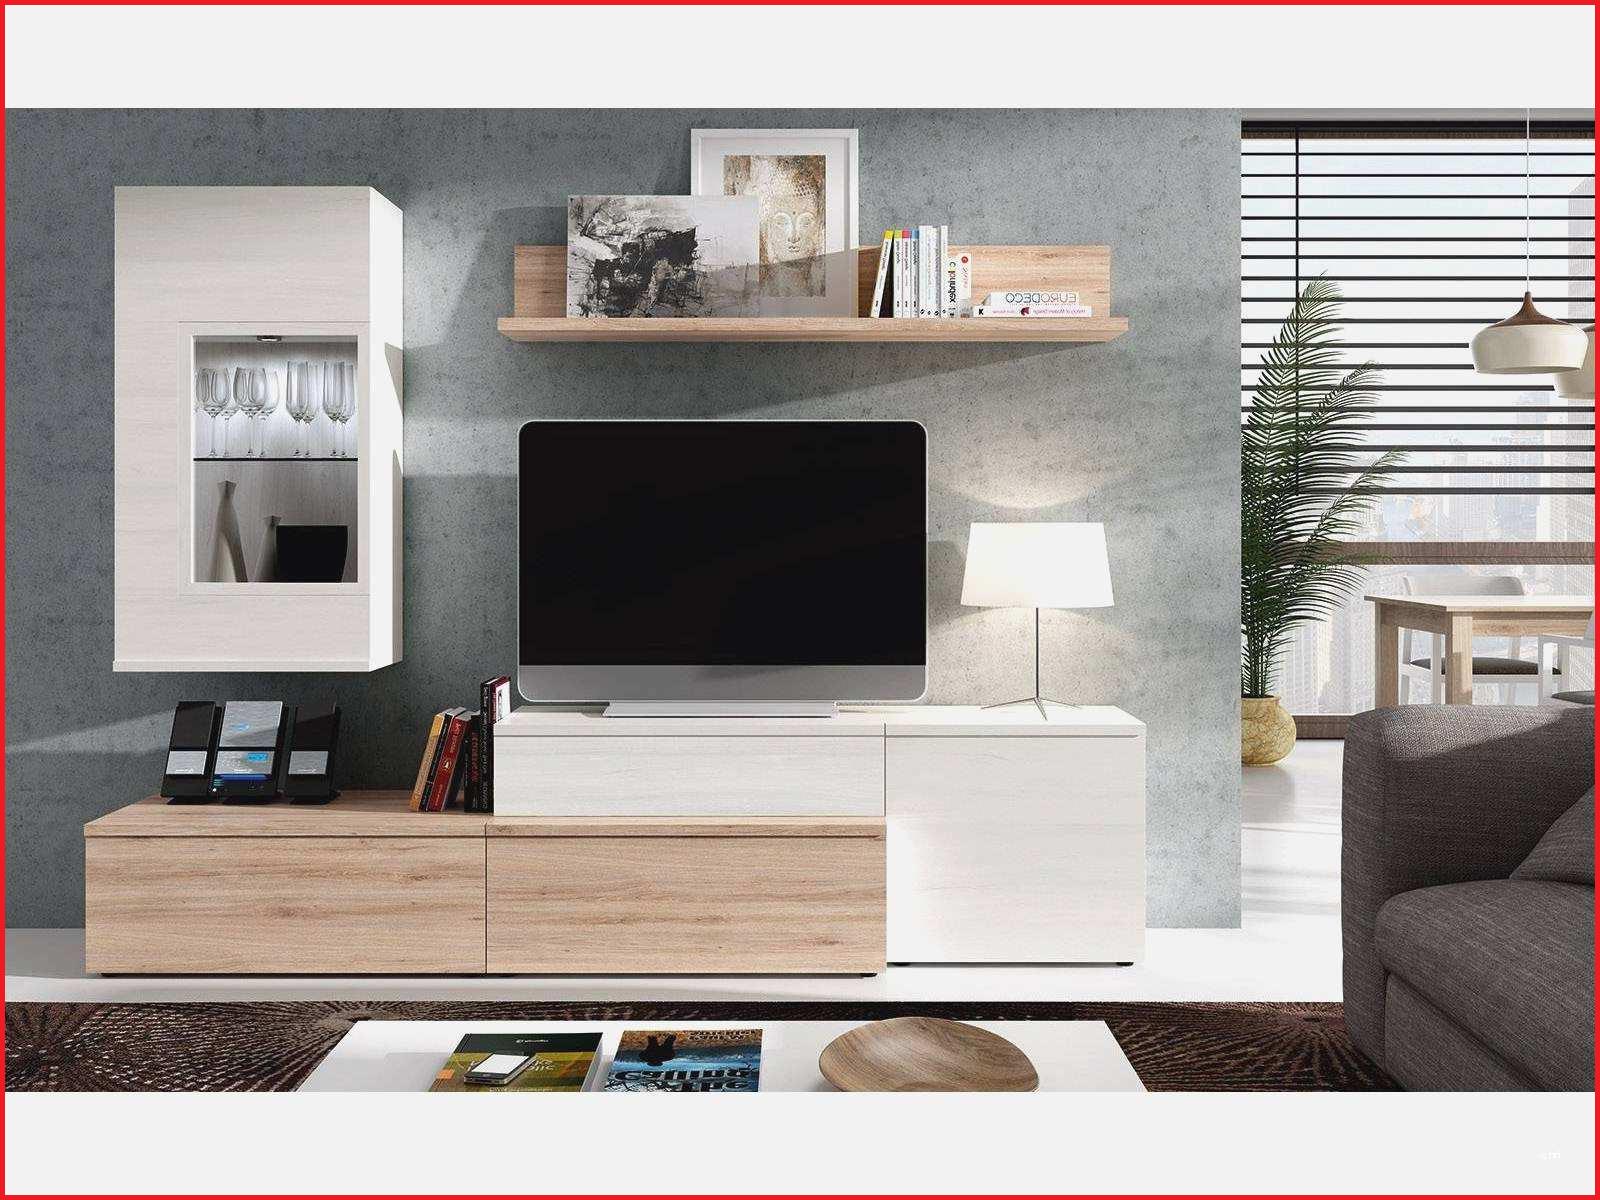 Muebles De Salon Merkamueble Txdf Muebles De Salon Merkamueble Nuevo Muebles Modulares Salon